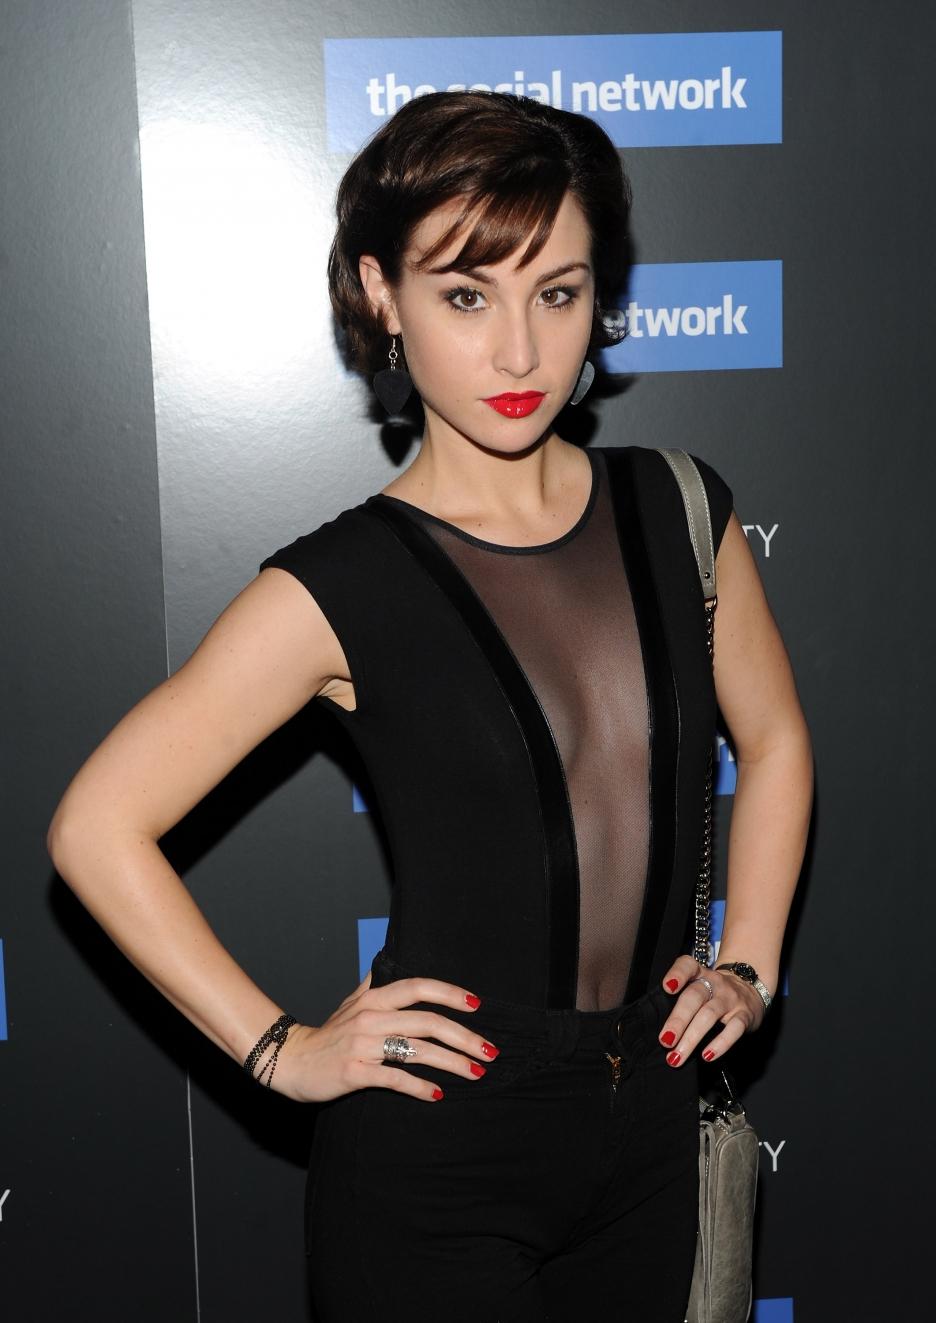 General photo of Allison Scagliotti